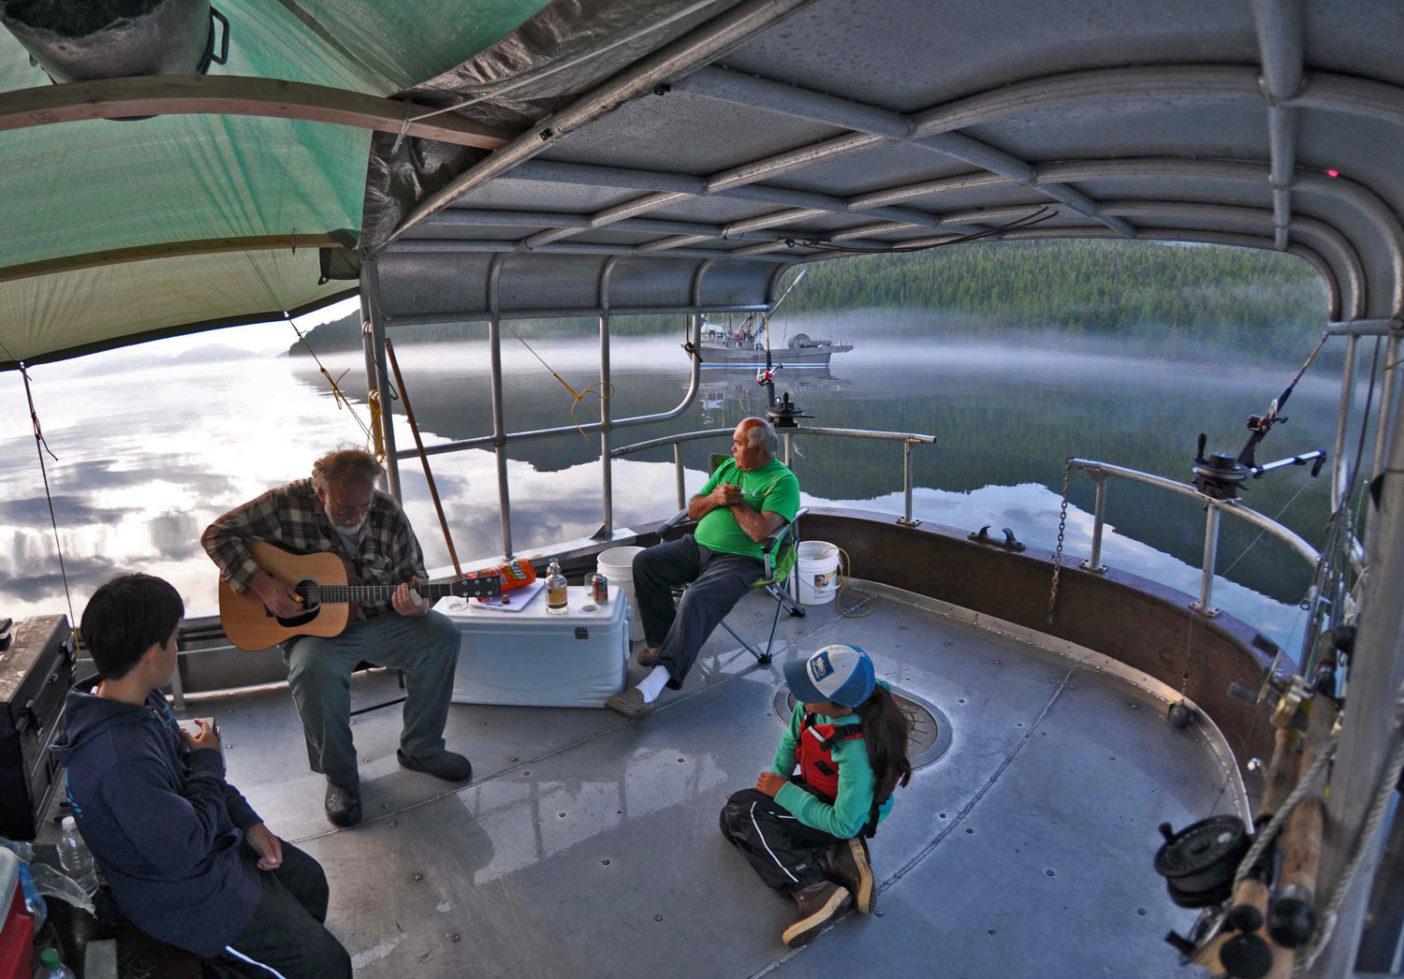 『サンクレスト号』でセレナーデを弾く。 Photo: Steve Perih